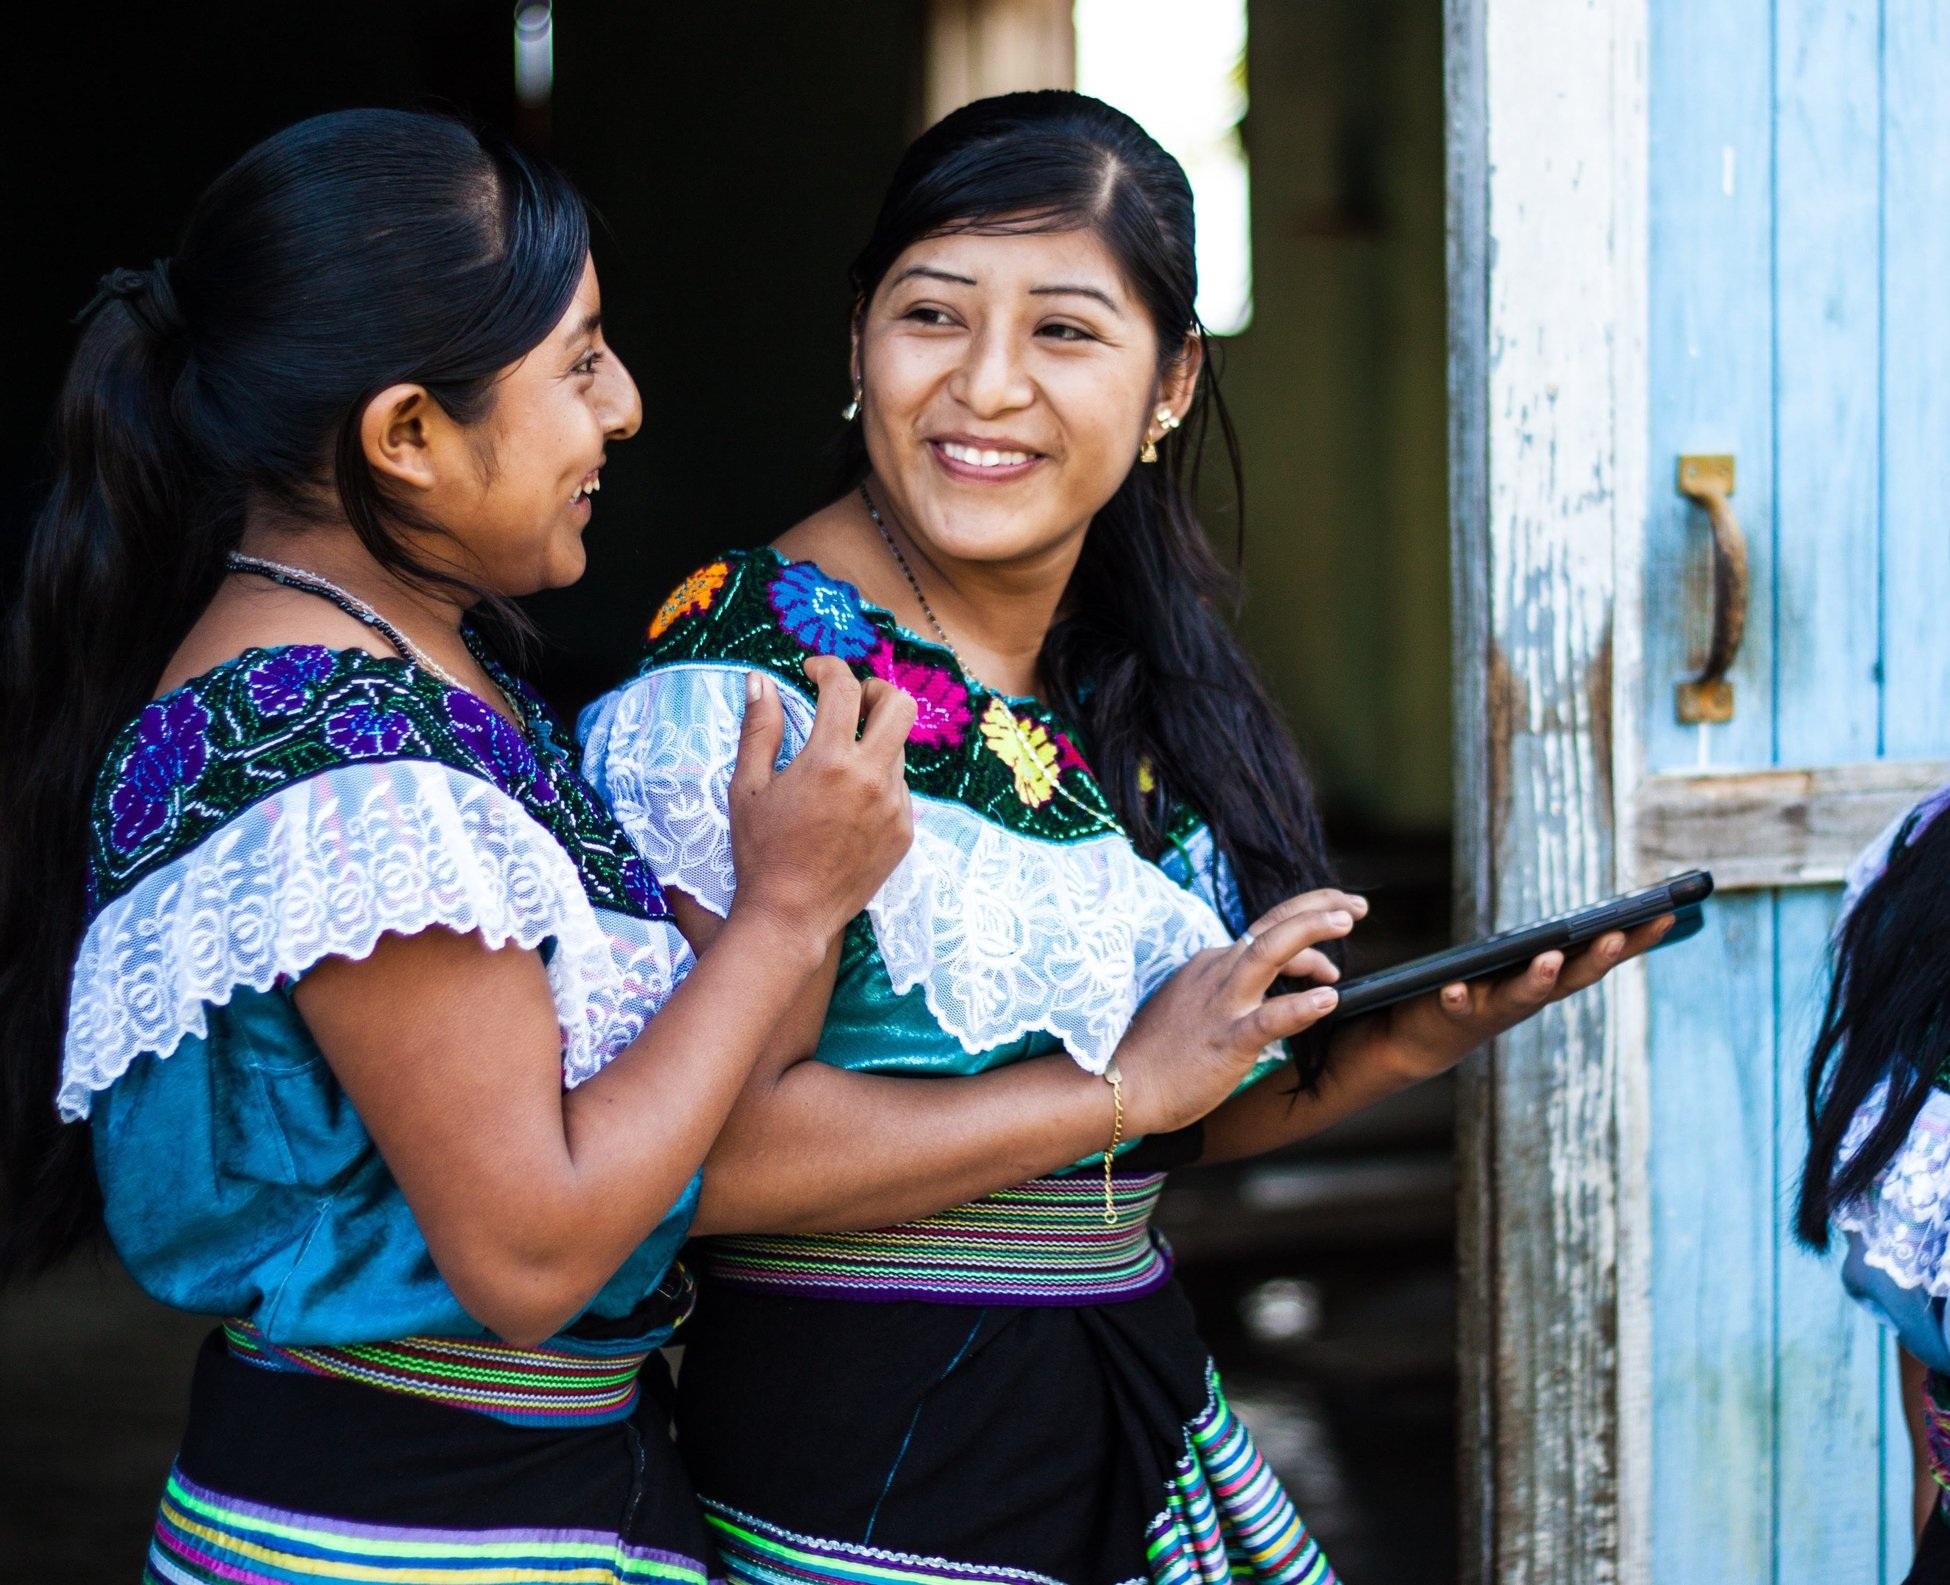 Nuestra misión - Nuestra misión es colaborar con los líderes indígenas de Chiapas, México, para honrar y fortalecer la agricultura sostenible, las comunidades equitativas y los conocimientos tradicionales.